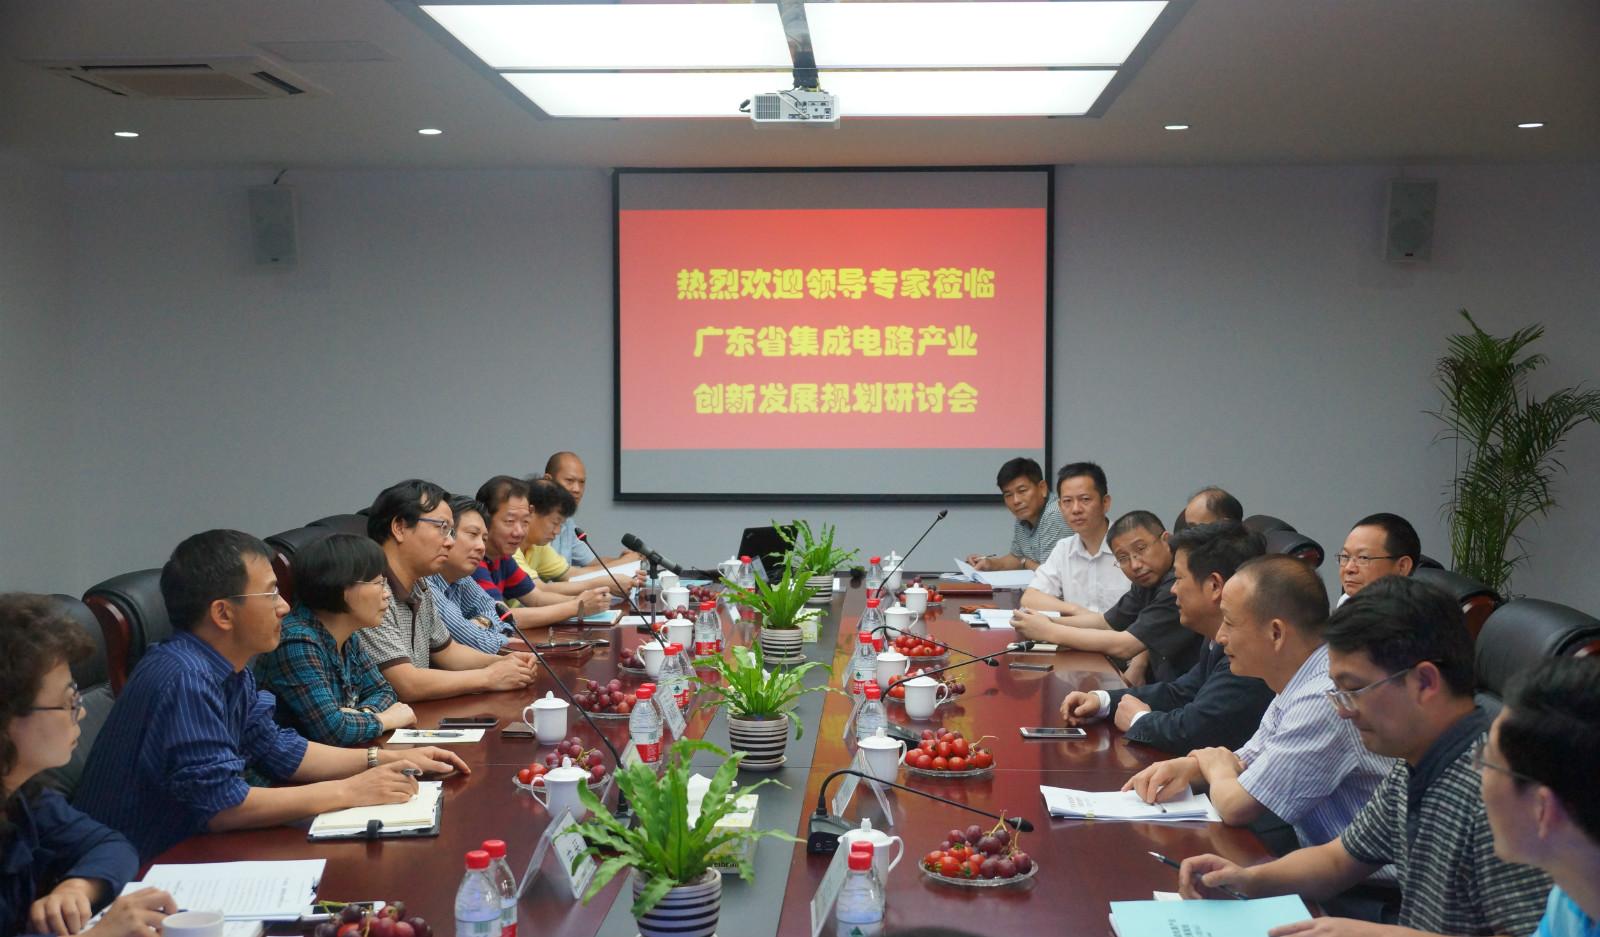 广东省集成电路科技创新产业研讨会在广州国家ic基地